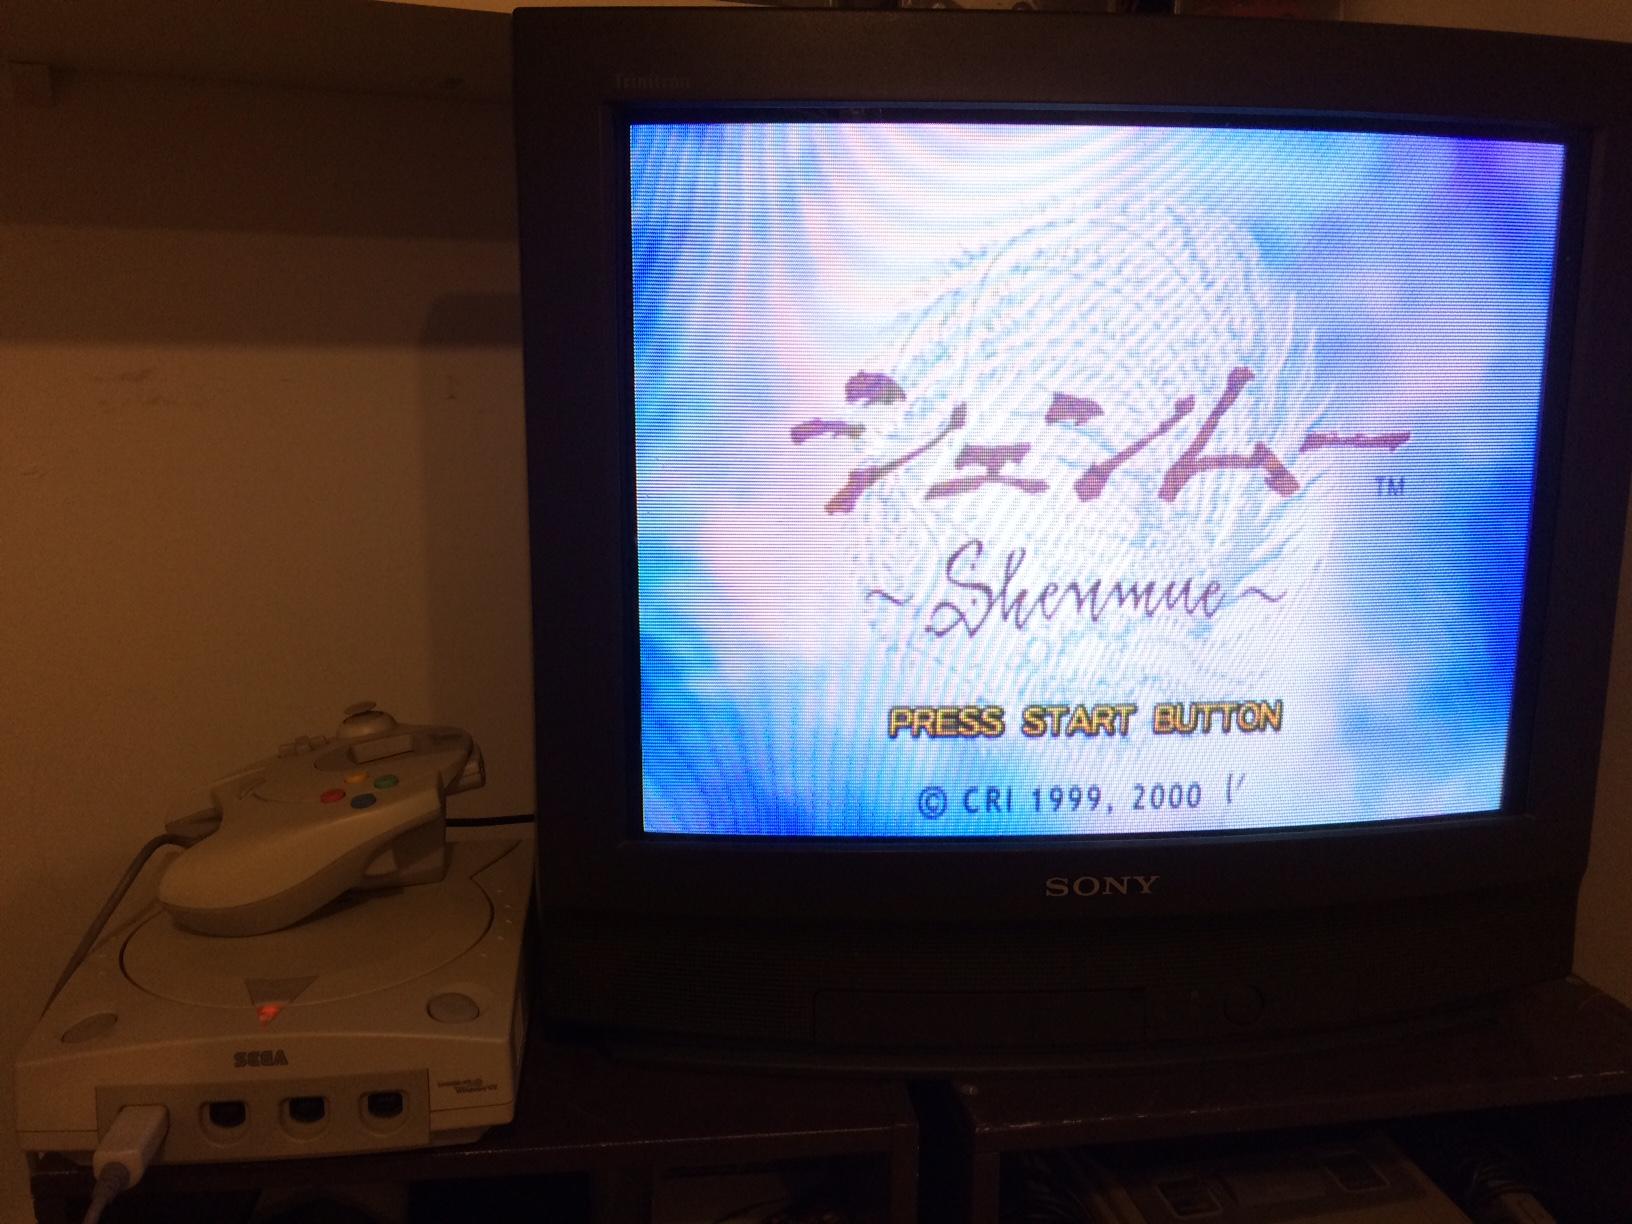 [VDS] Sega Dreamcast avec manettes et jeux 18101401484948918